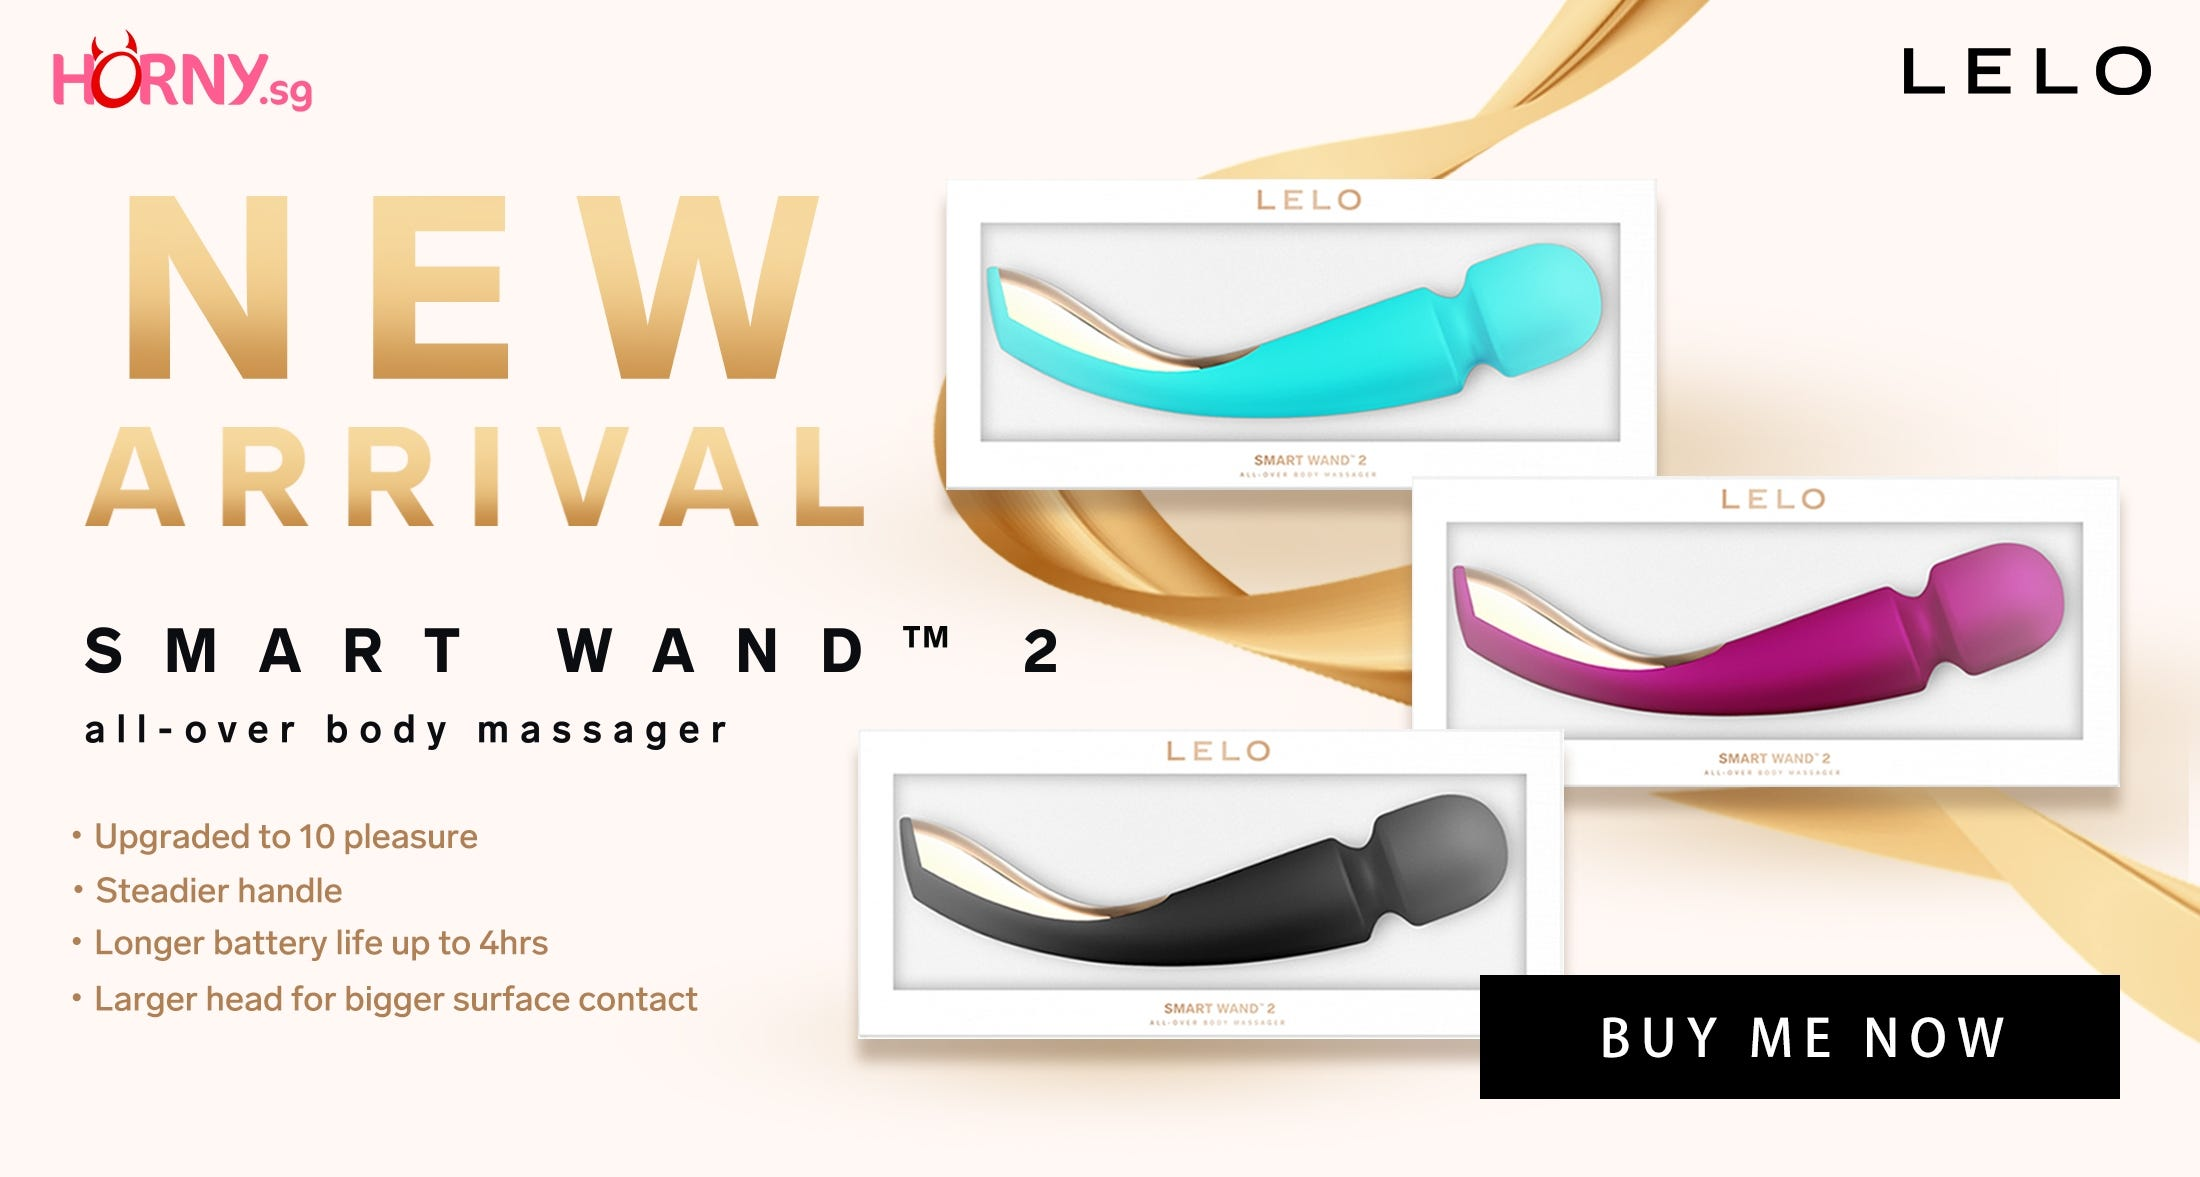 LELO -SMART WAND 2